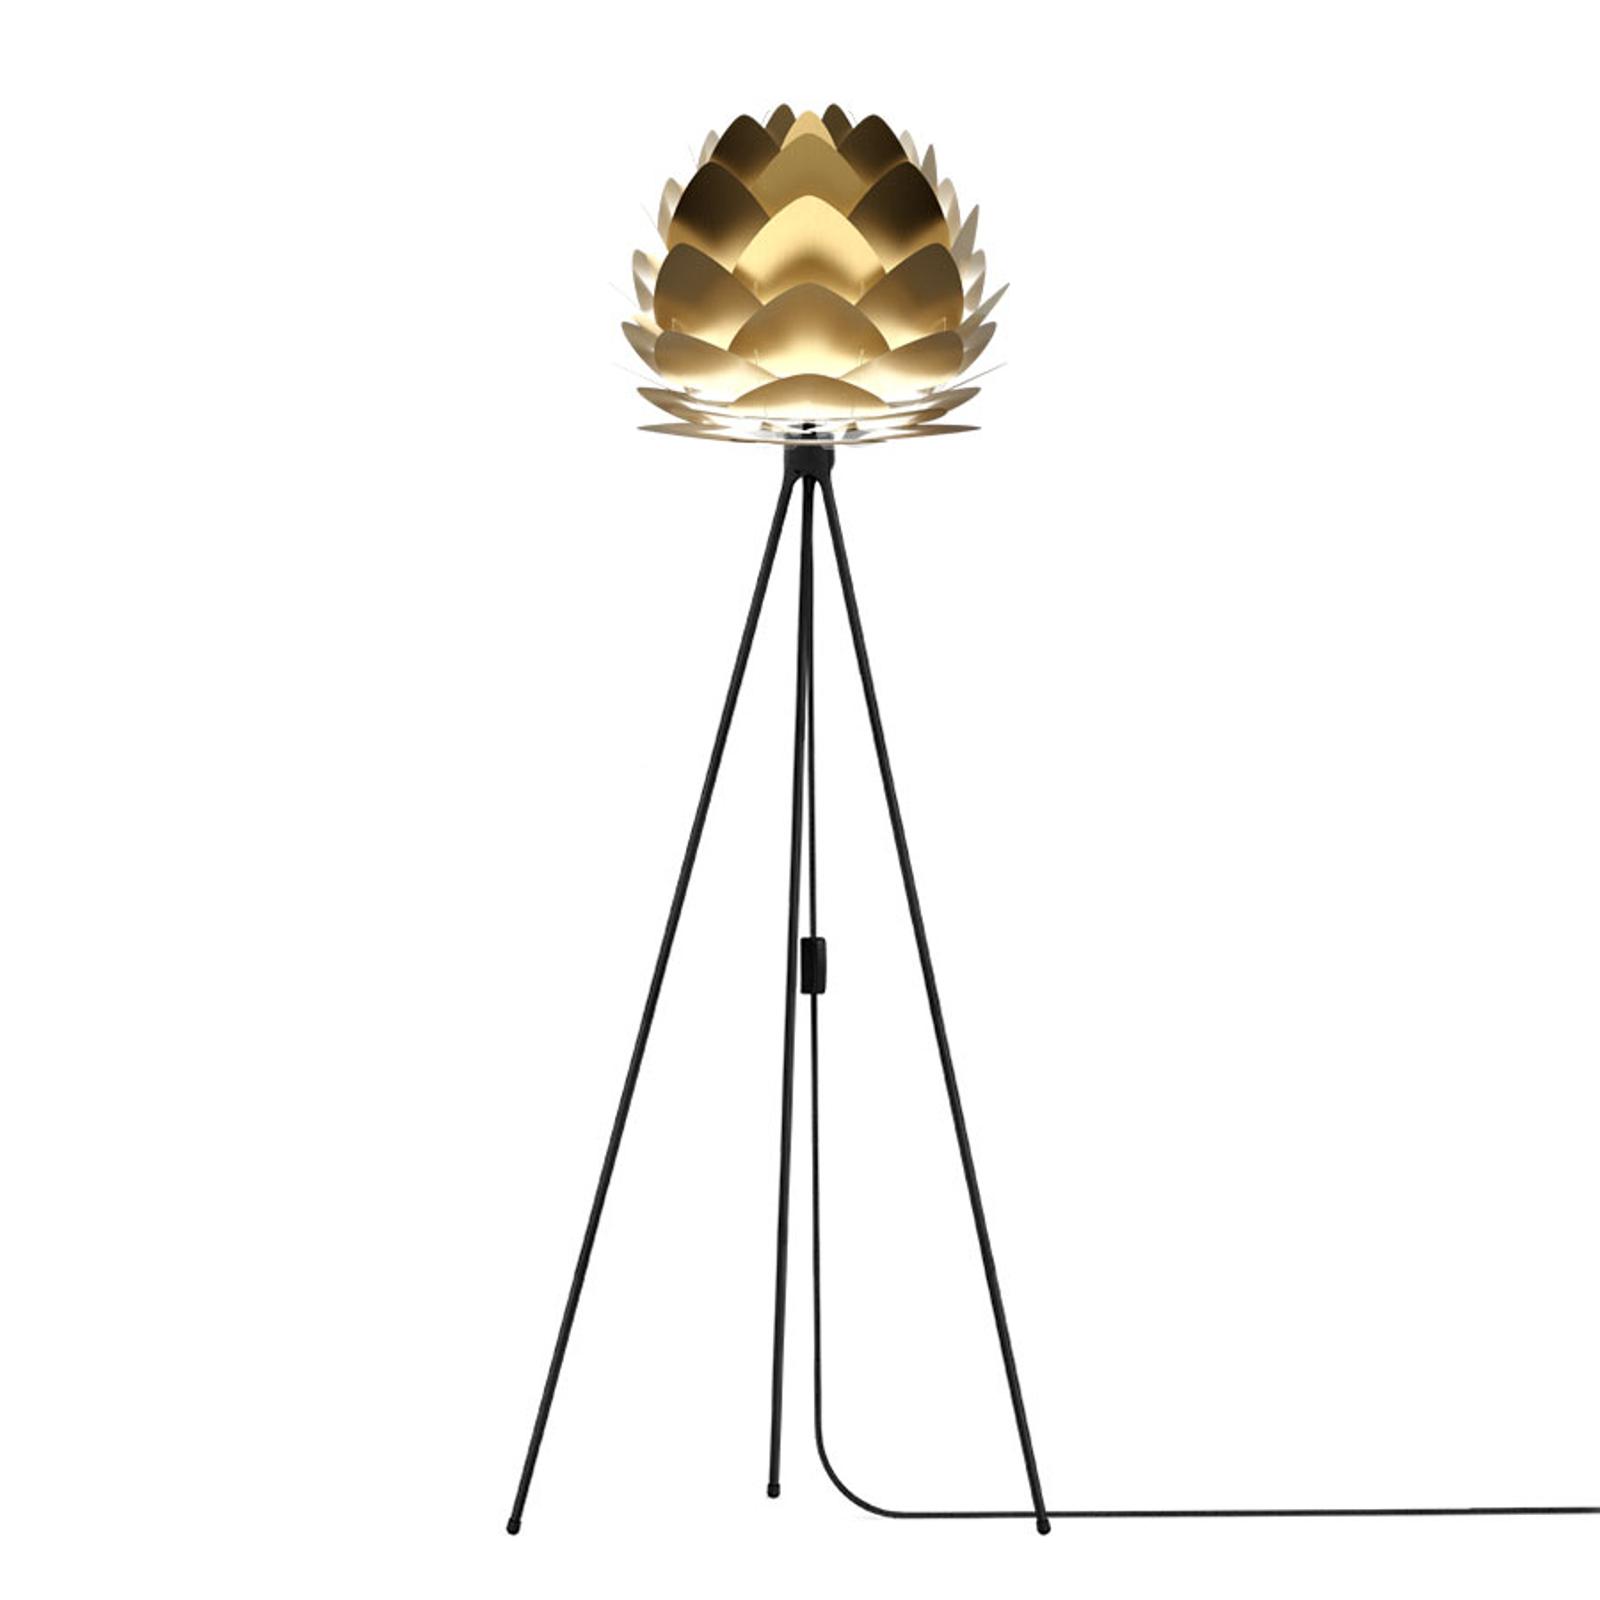 UMAGE Aluvia mini Stehlampe messing Tripod schwarz